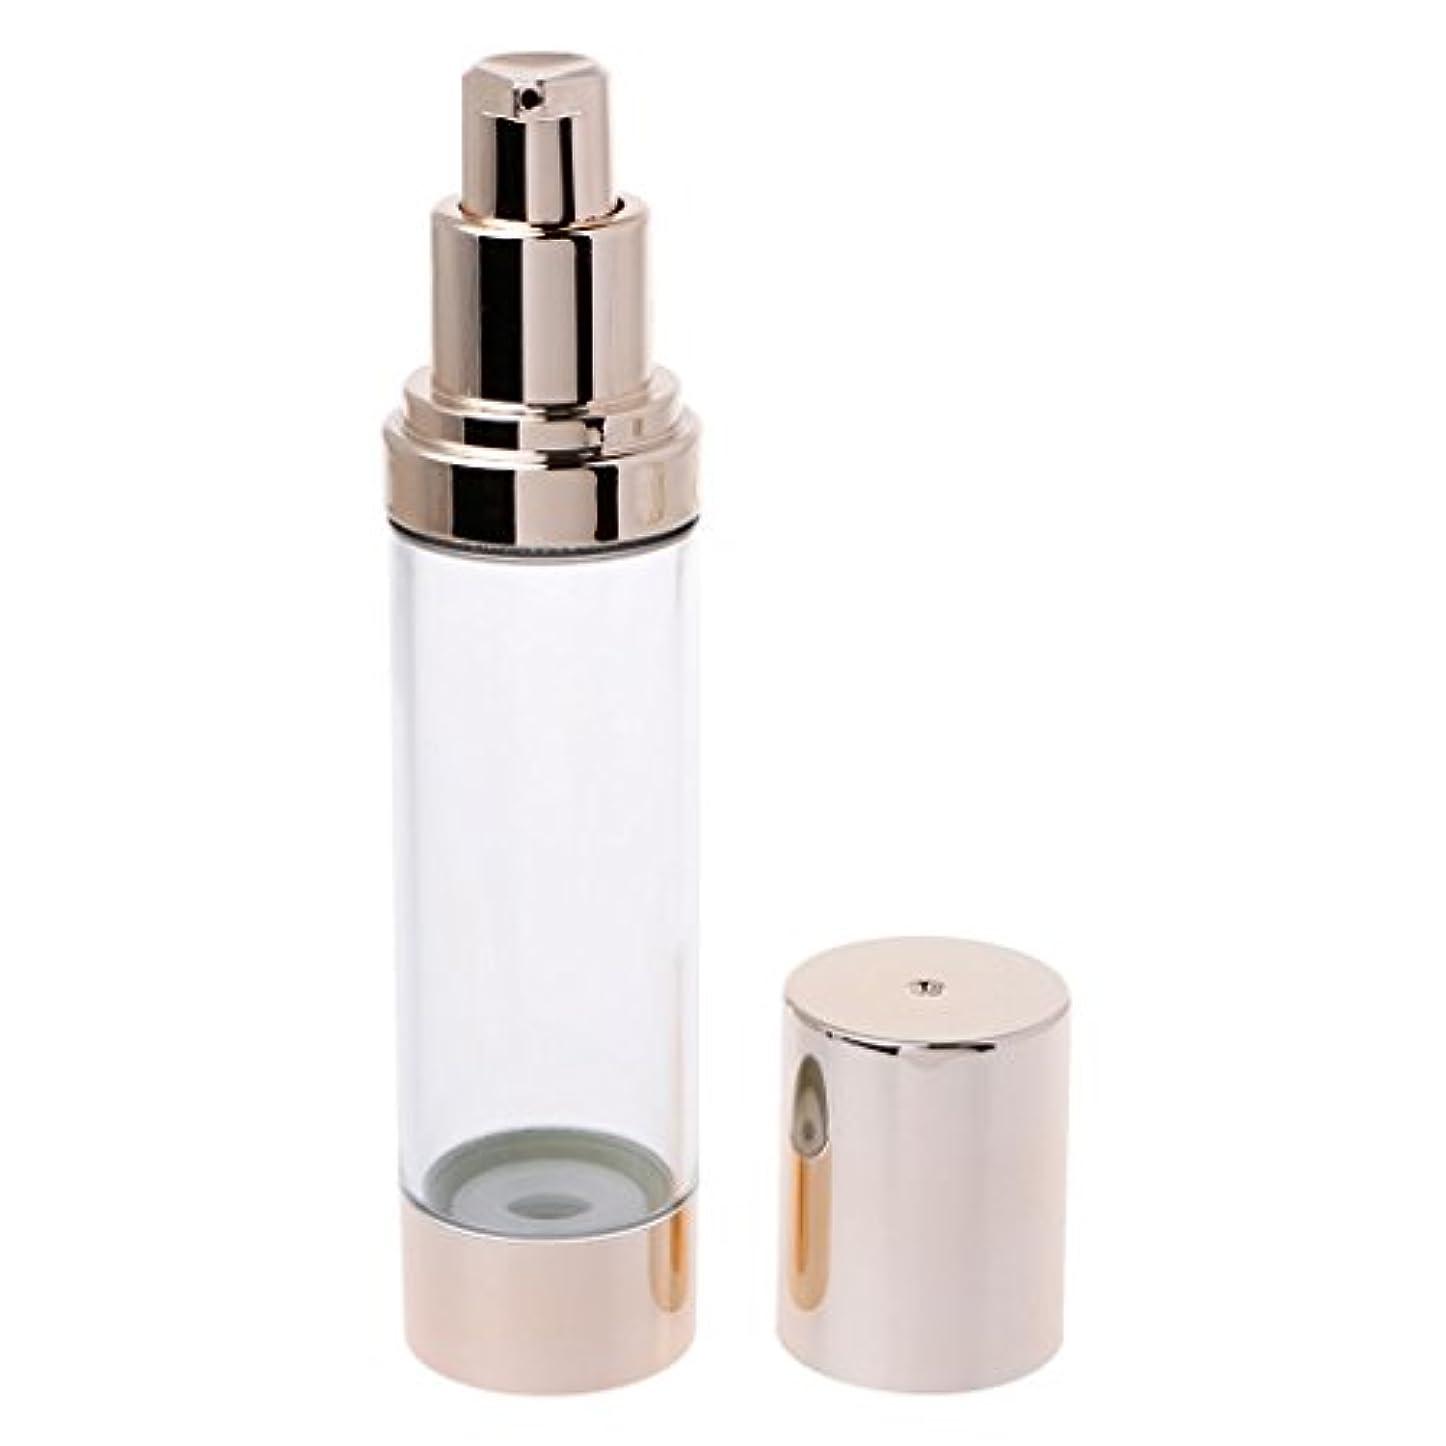 黙早く原点Dabixx 15/30 / 50ML空化粧品エアレスボトルプラスチック処理ポンプトラベルボトル - 50ML